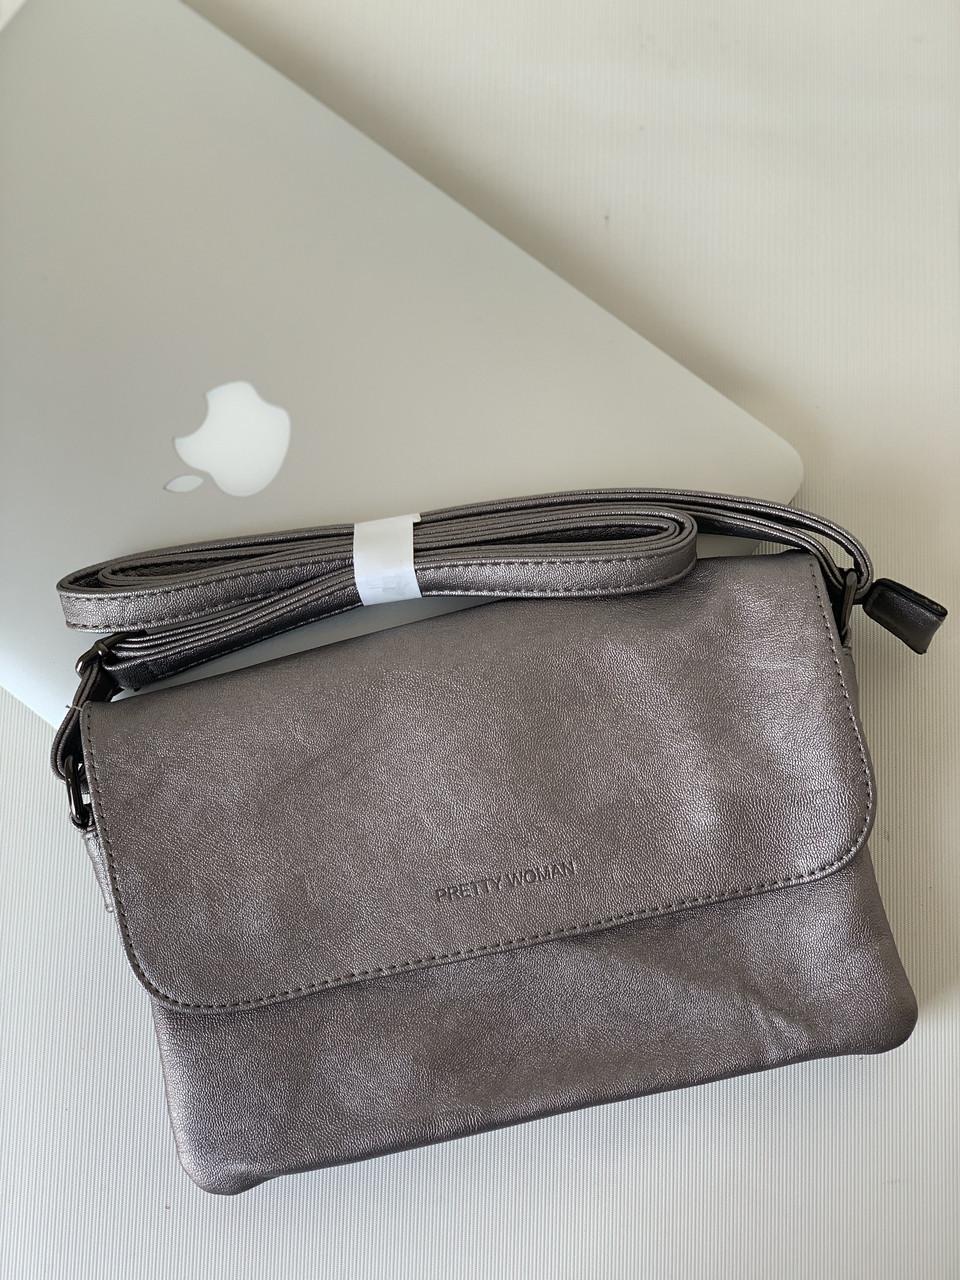 Жіноча сумочка кроссбоди клатч срібляста маленька універсальна через плече Pretty Woman